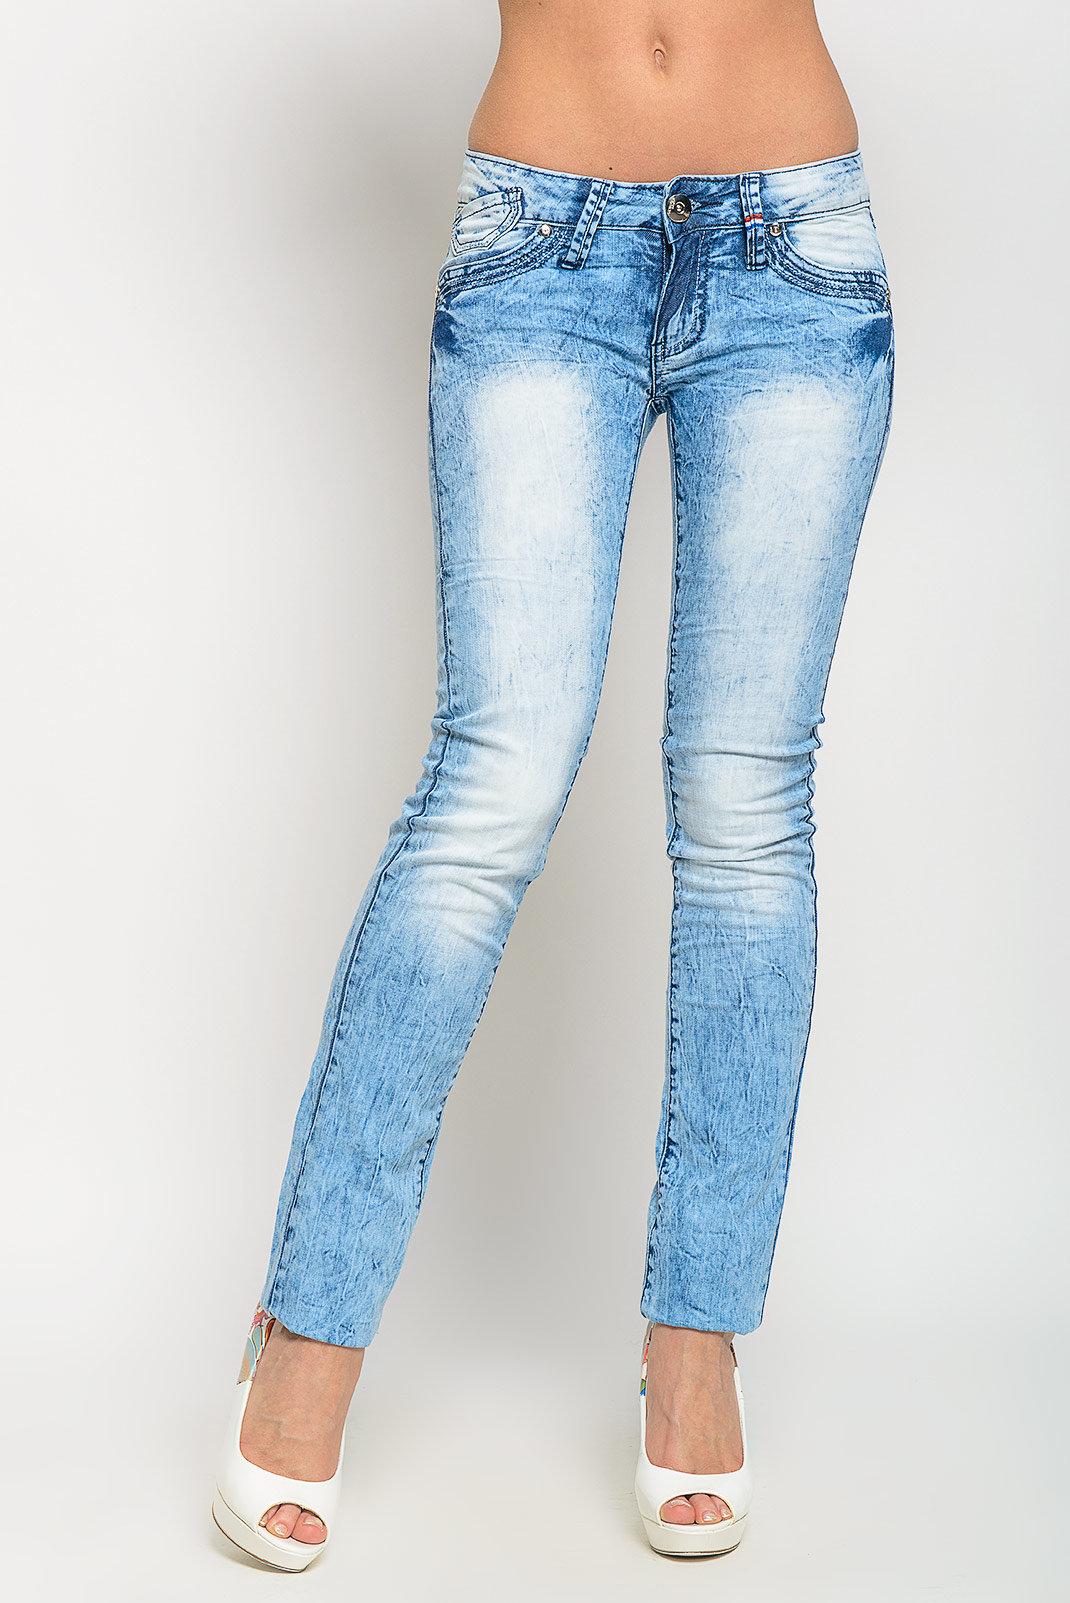 джинсы этого лета картинки отличие прошлого